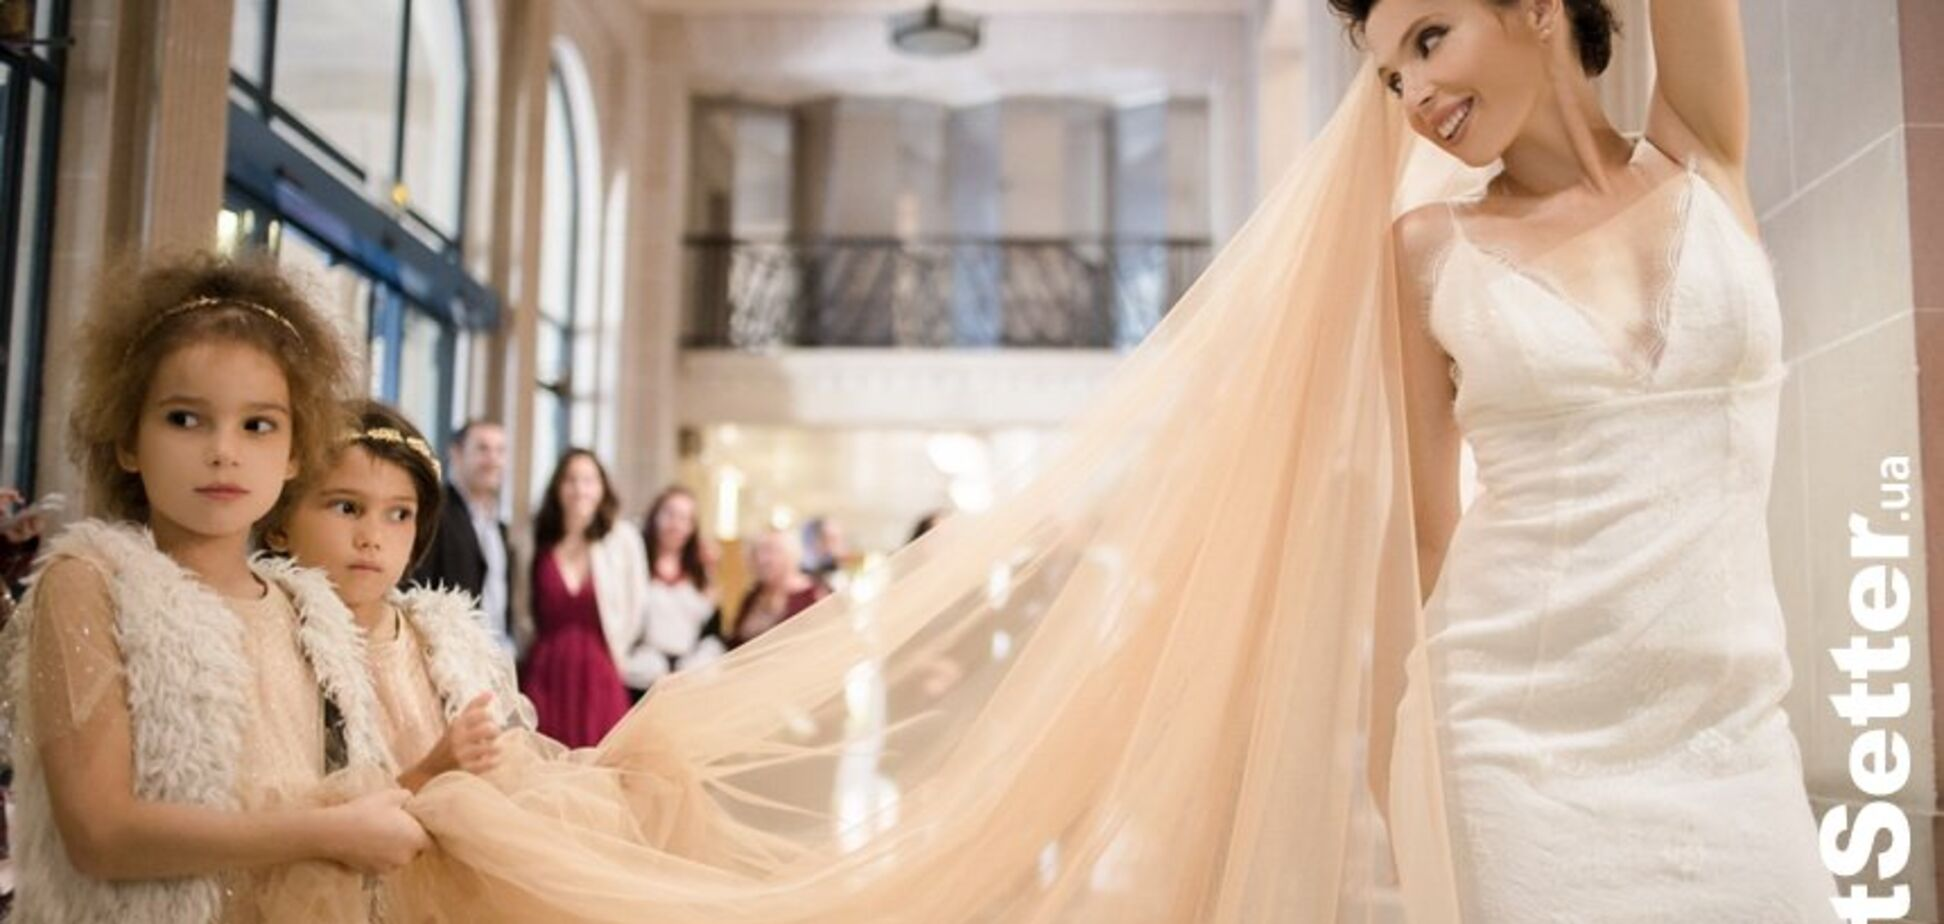 Відома українська письменниця вийшла заміж: зворушливі фото з весілля